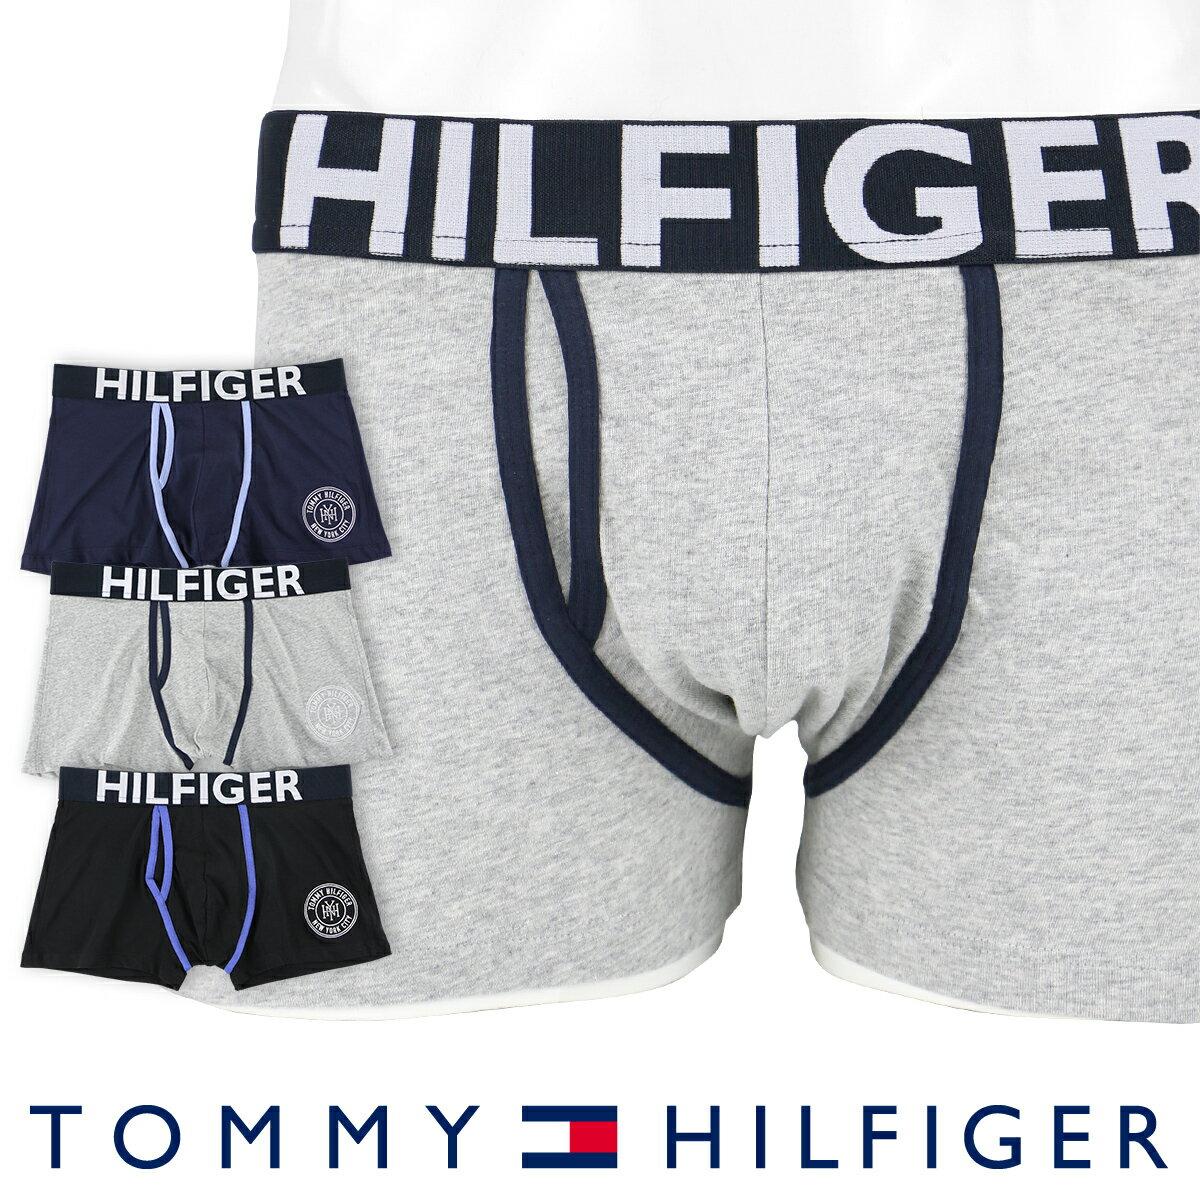 【郵送160円】TOMMY HILFIGER|トミーヒルフィガーアンダーウェア ボクサーパンツKEY HOLE TRUNKコットン ボクサーパンツ5337-0210男性 下着 メンズ プレゼント ギフト 誕生日 父の日